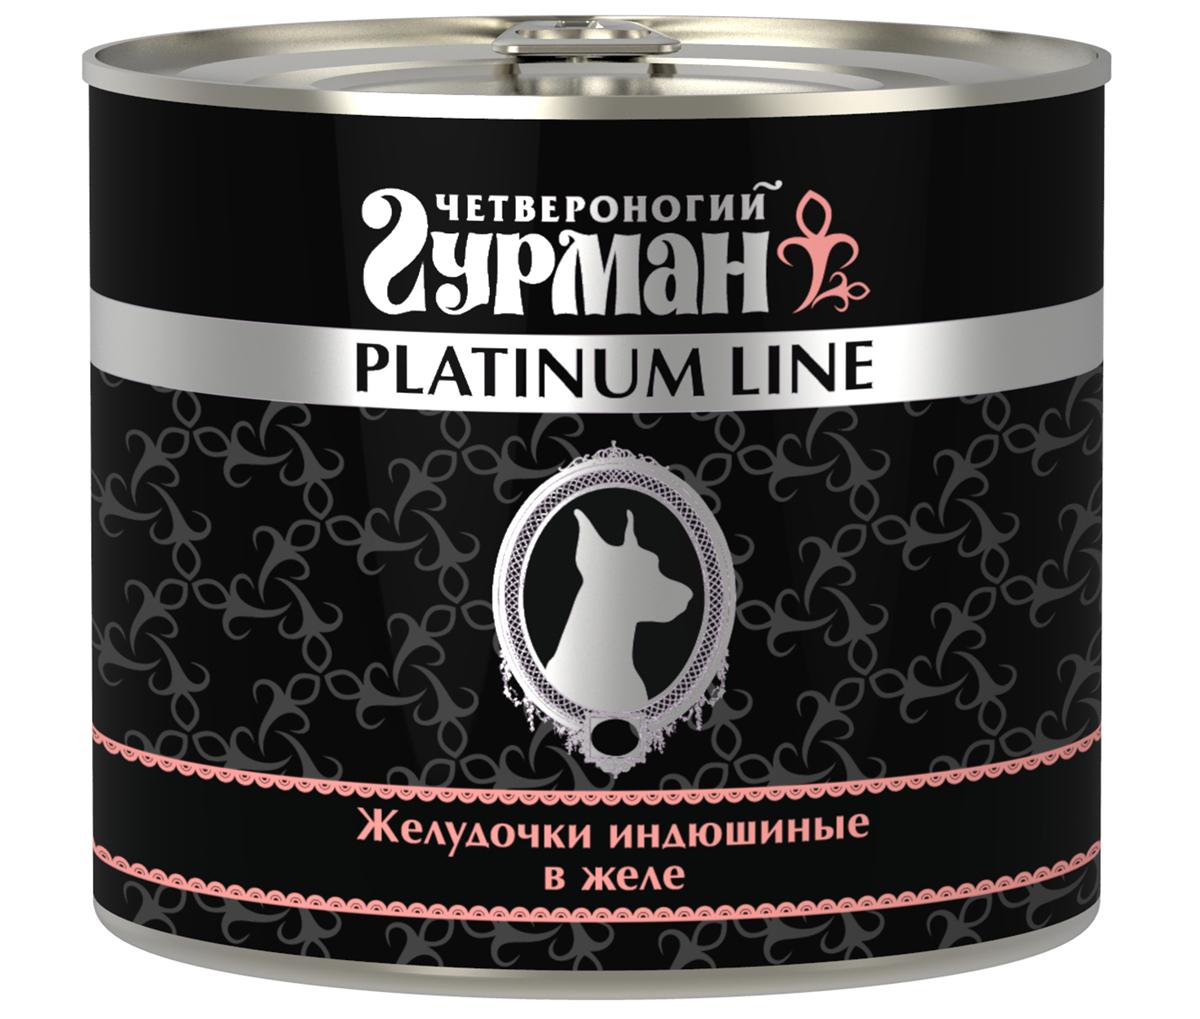 Консервы для собак Четвероногий гурман Platinum Line, желудочки индюшиные в желе, 500 г гурман platinum консервированный корм для собак желудочки индюшиные в желе бн 240г